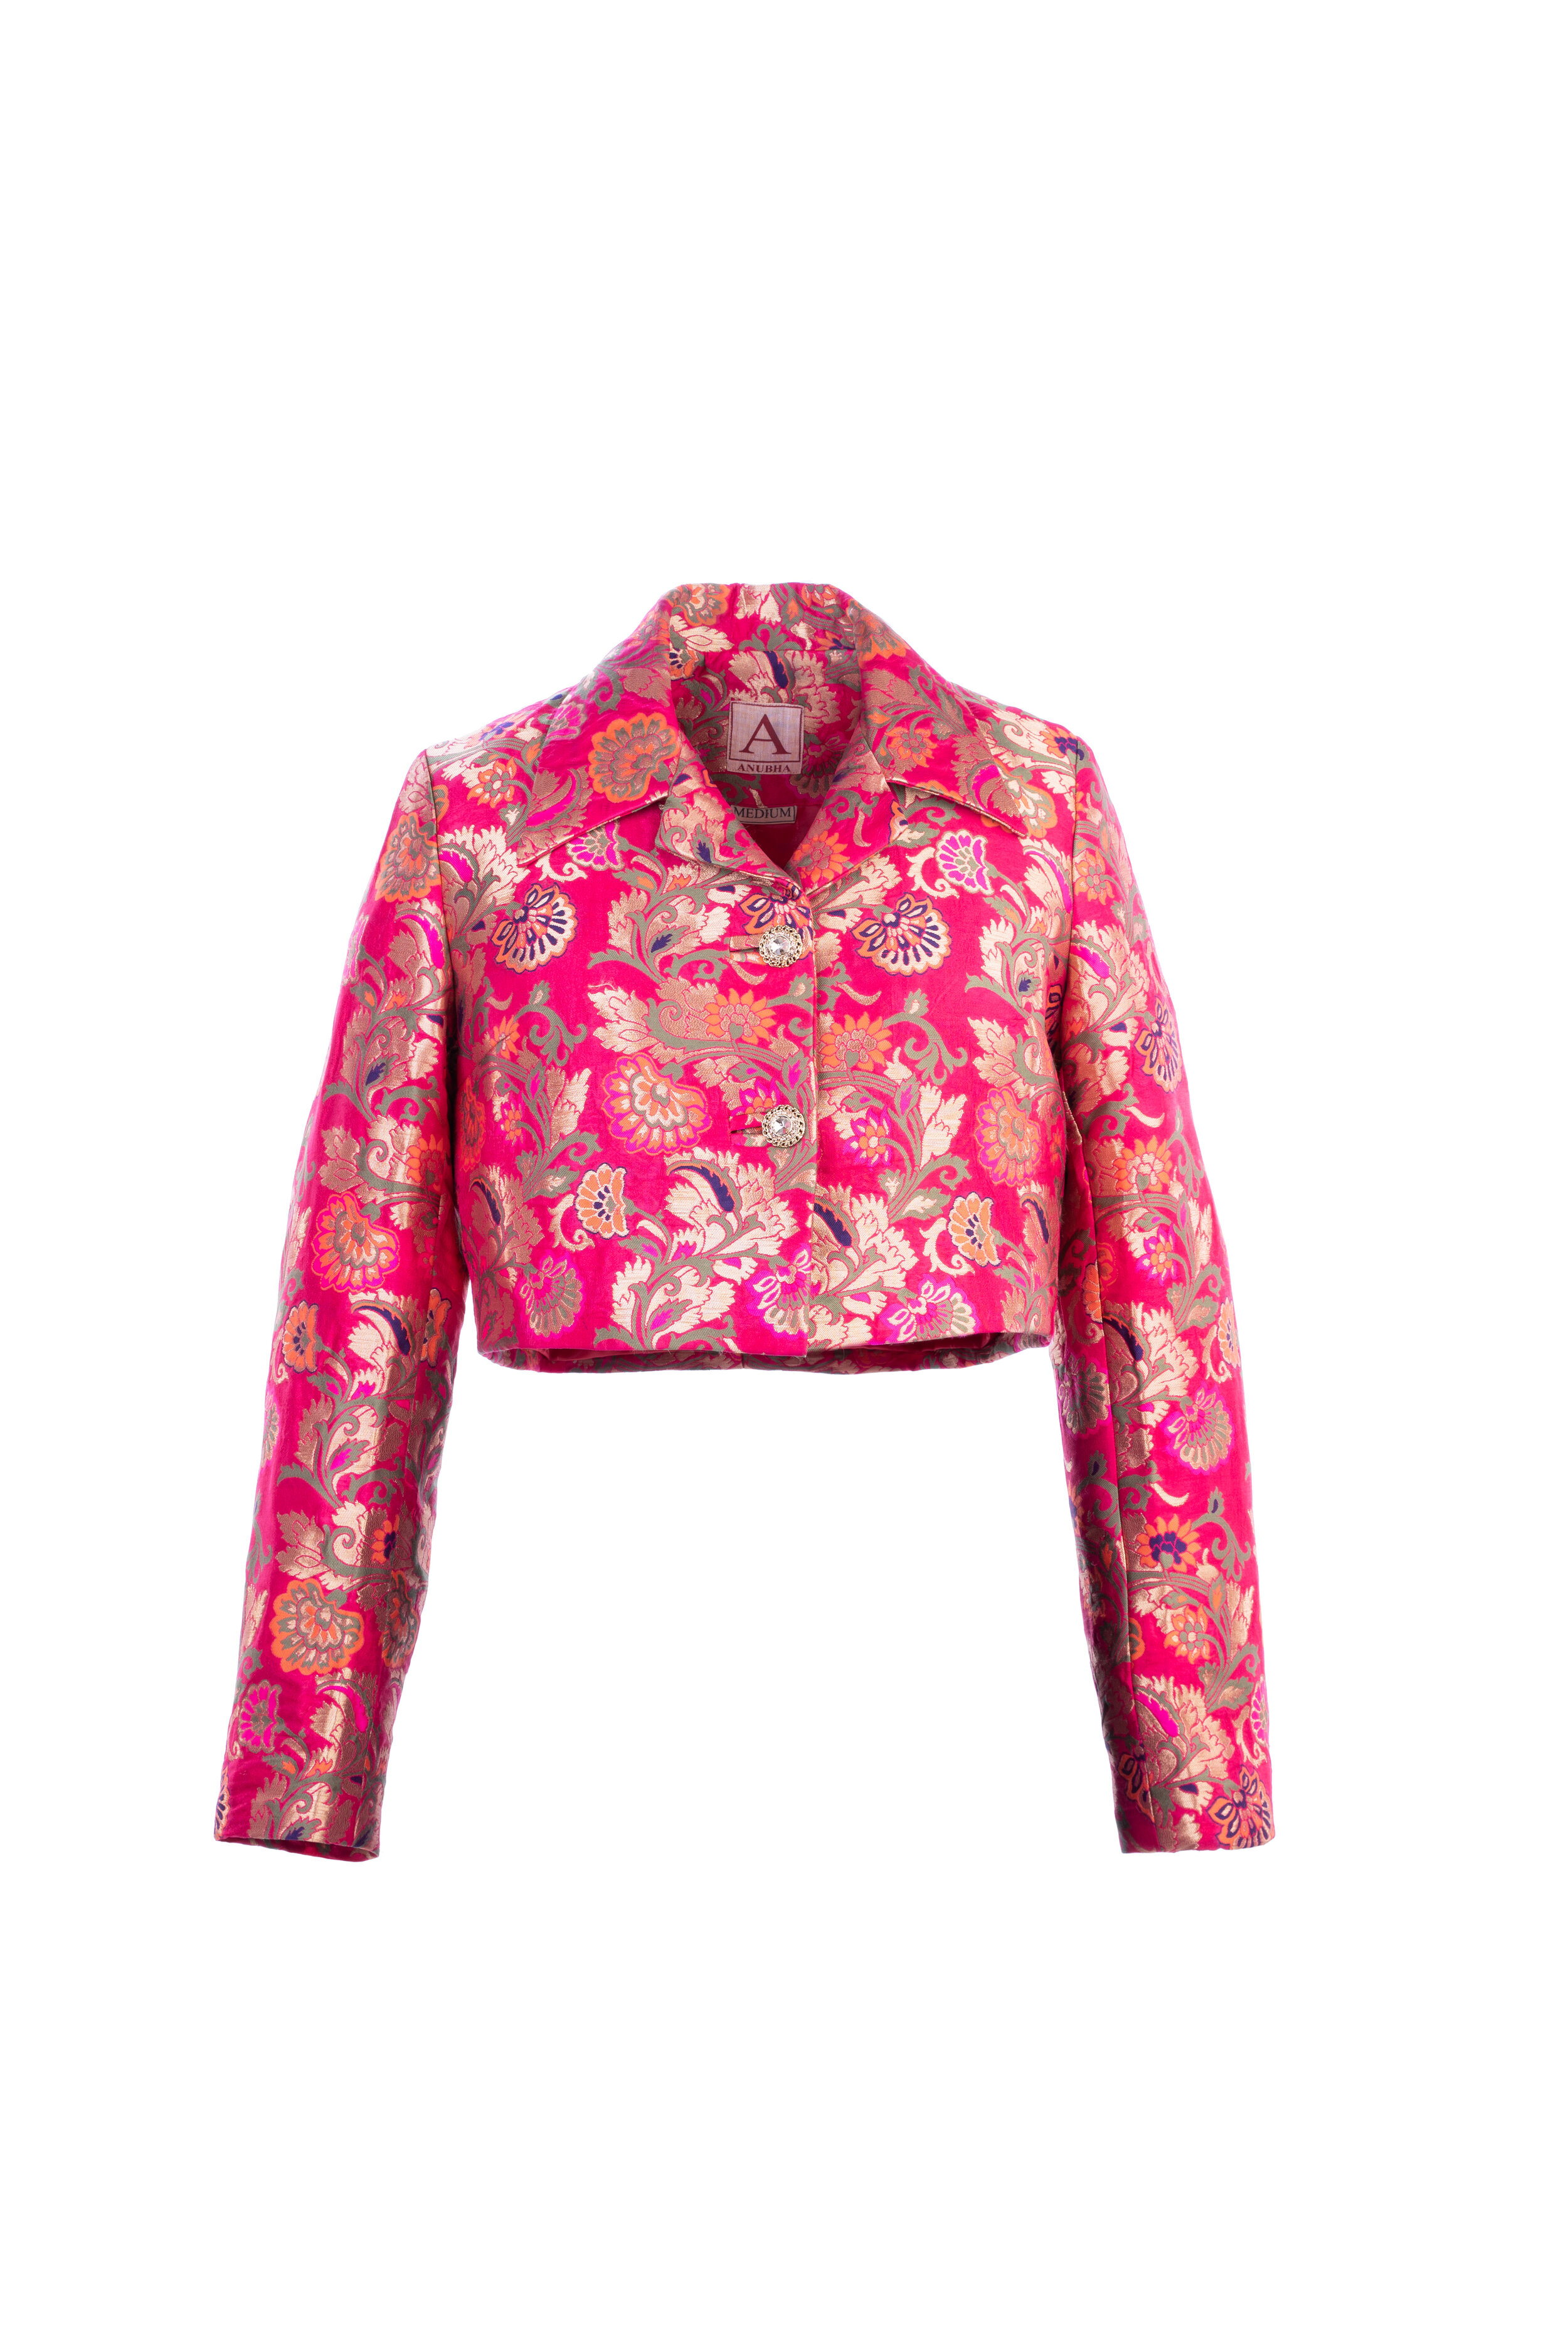 Brocade Jacket, Jacket , Jacquard Jacket , Fuchsia Pink , Pink Jacket —  AbyAnubha